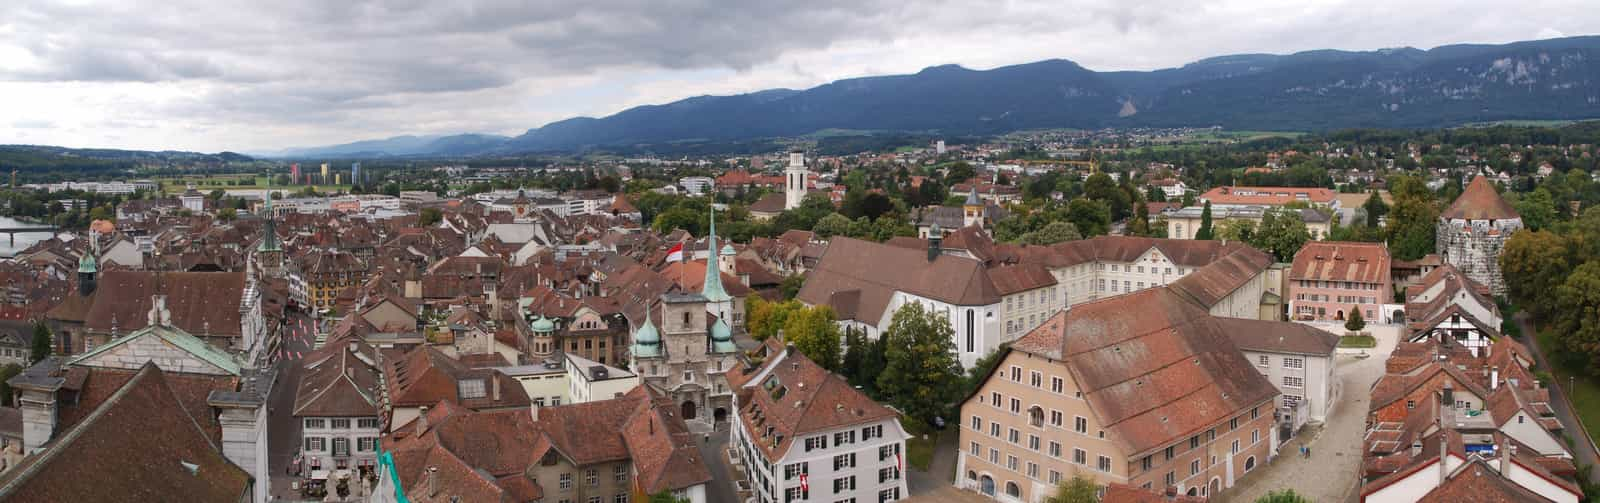 Panorama der Altstadt von Solothurn